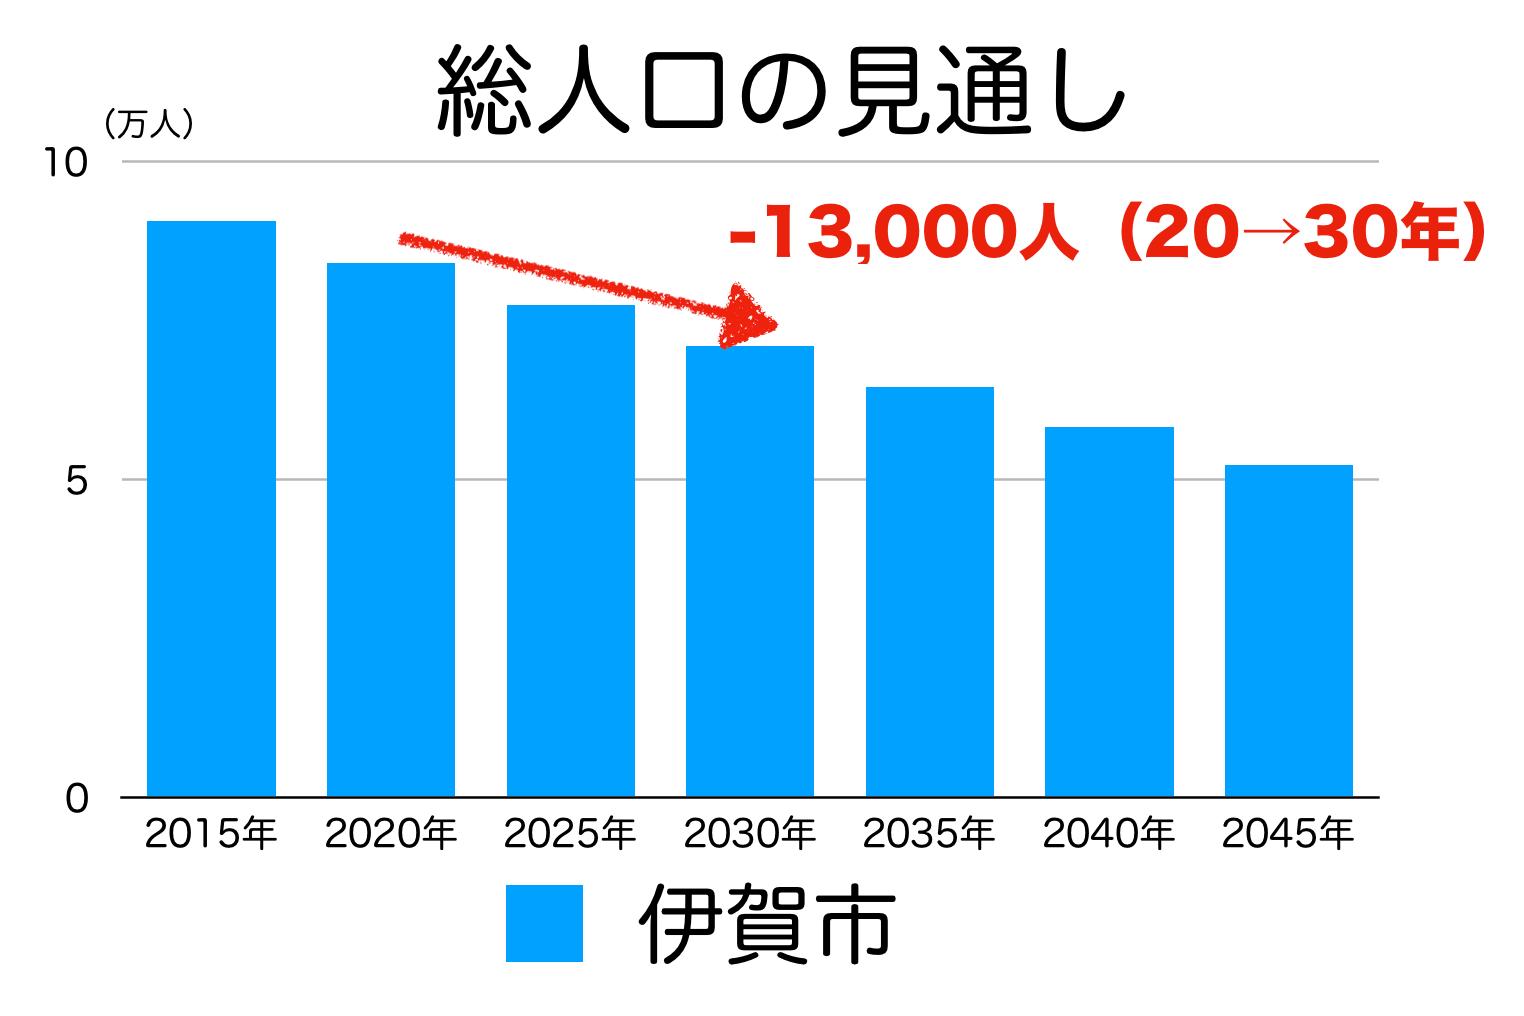 伊賀市の人口予測